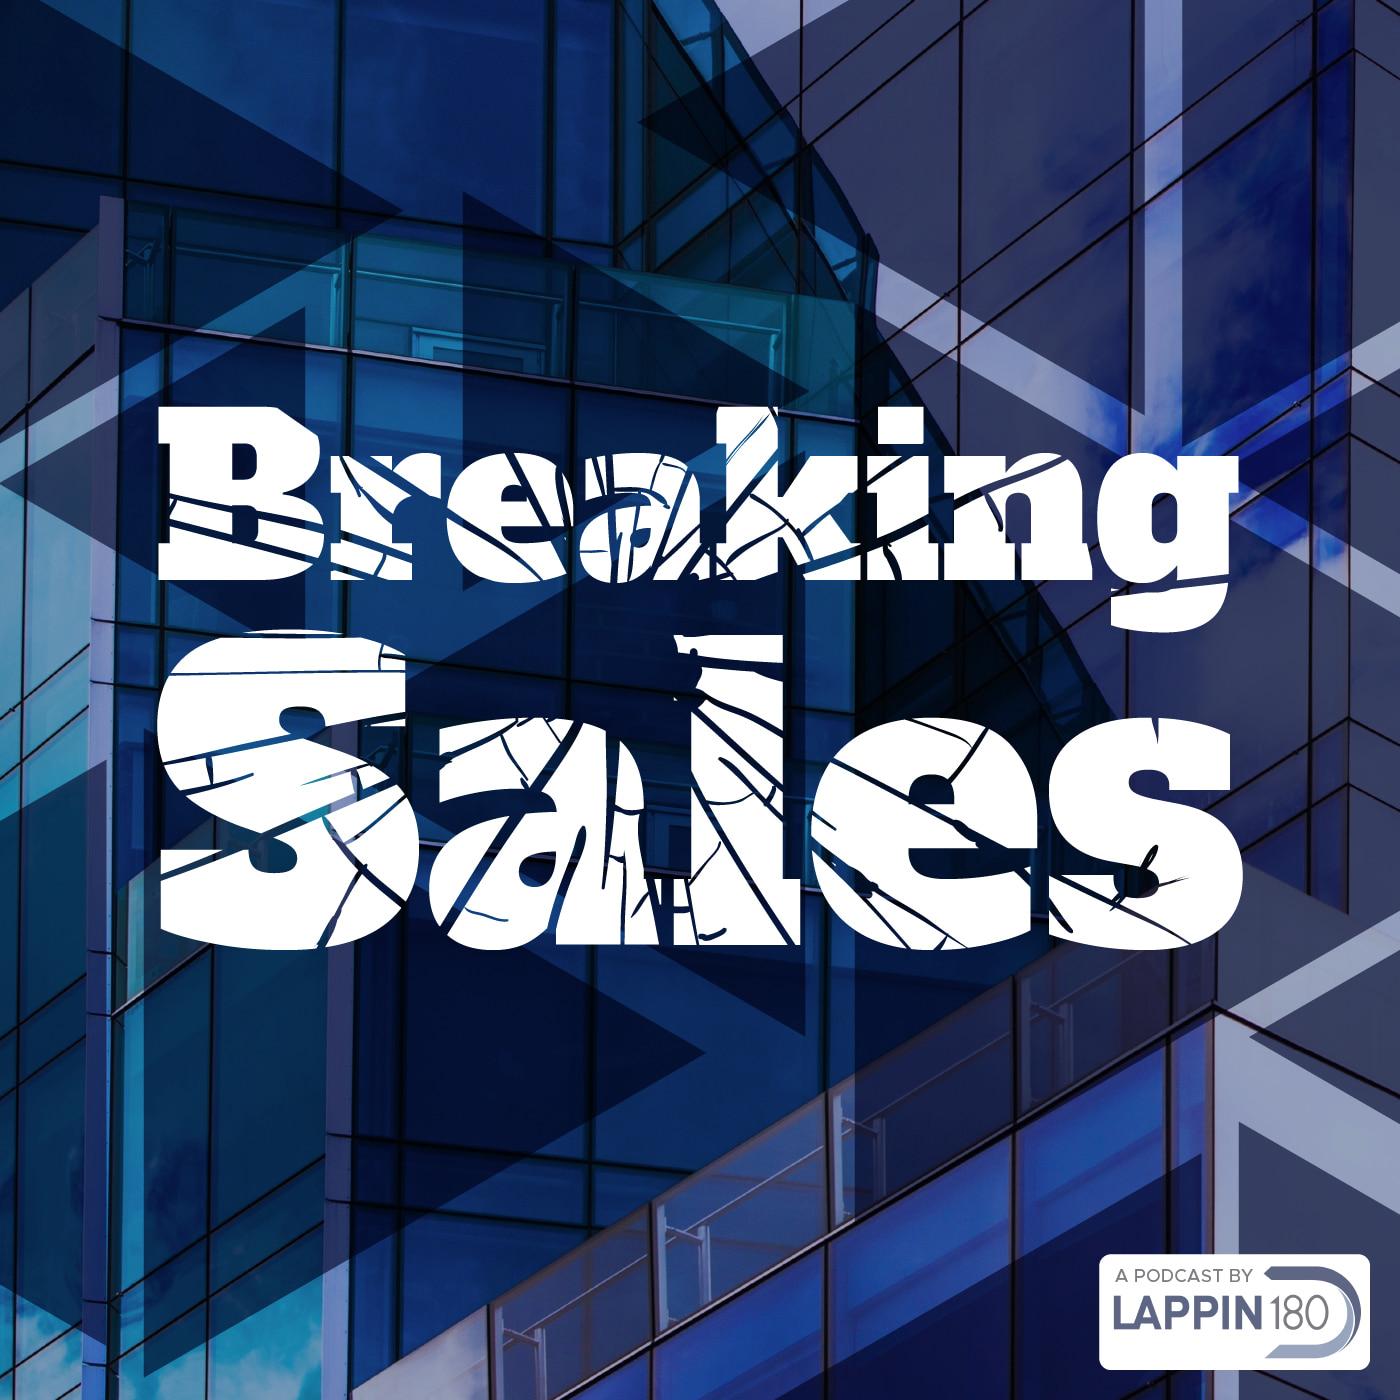 Breaking Sales show art